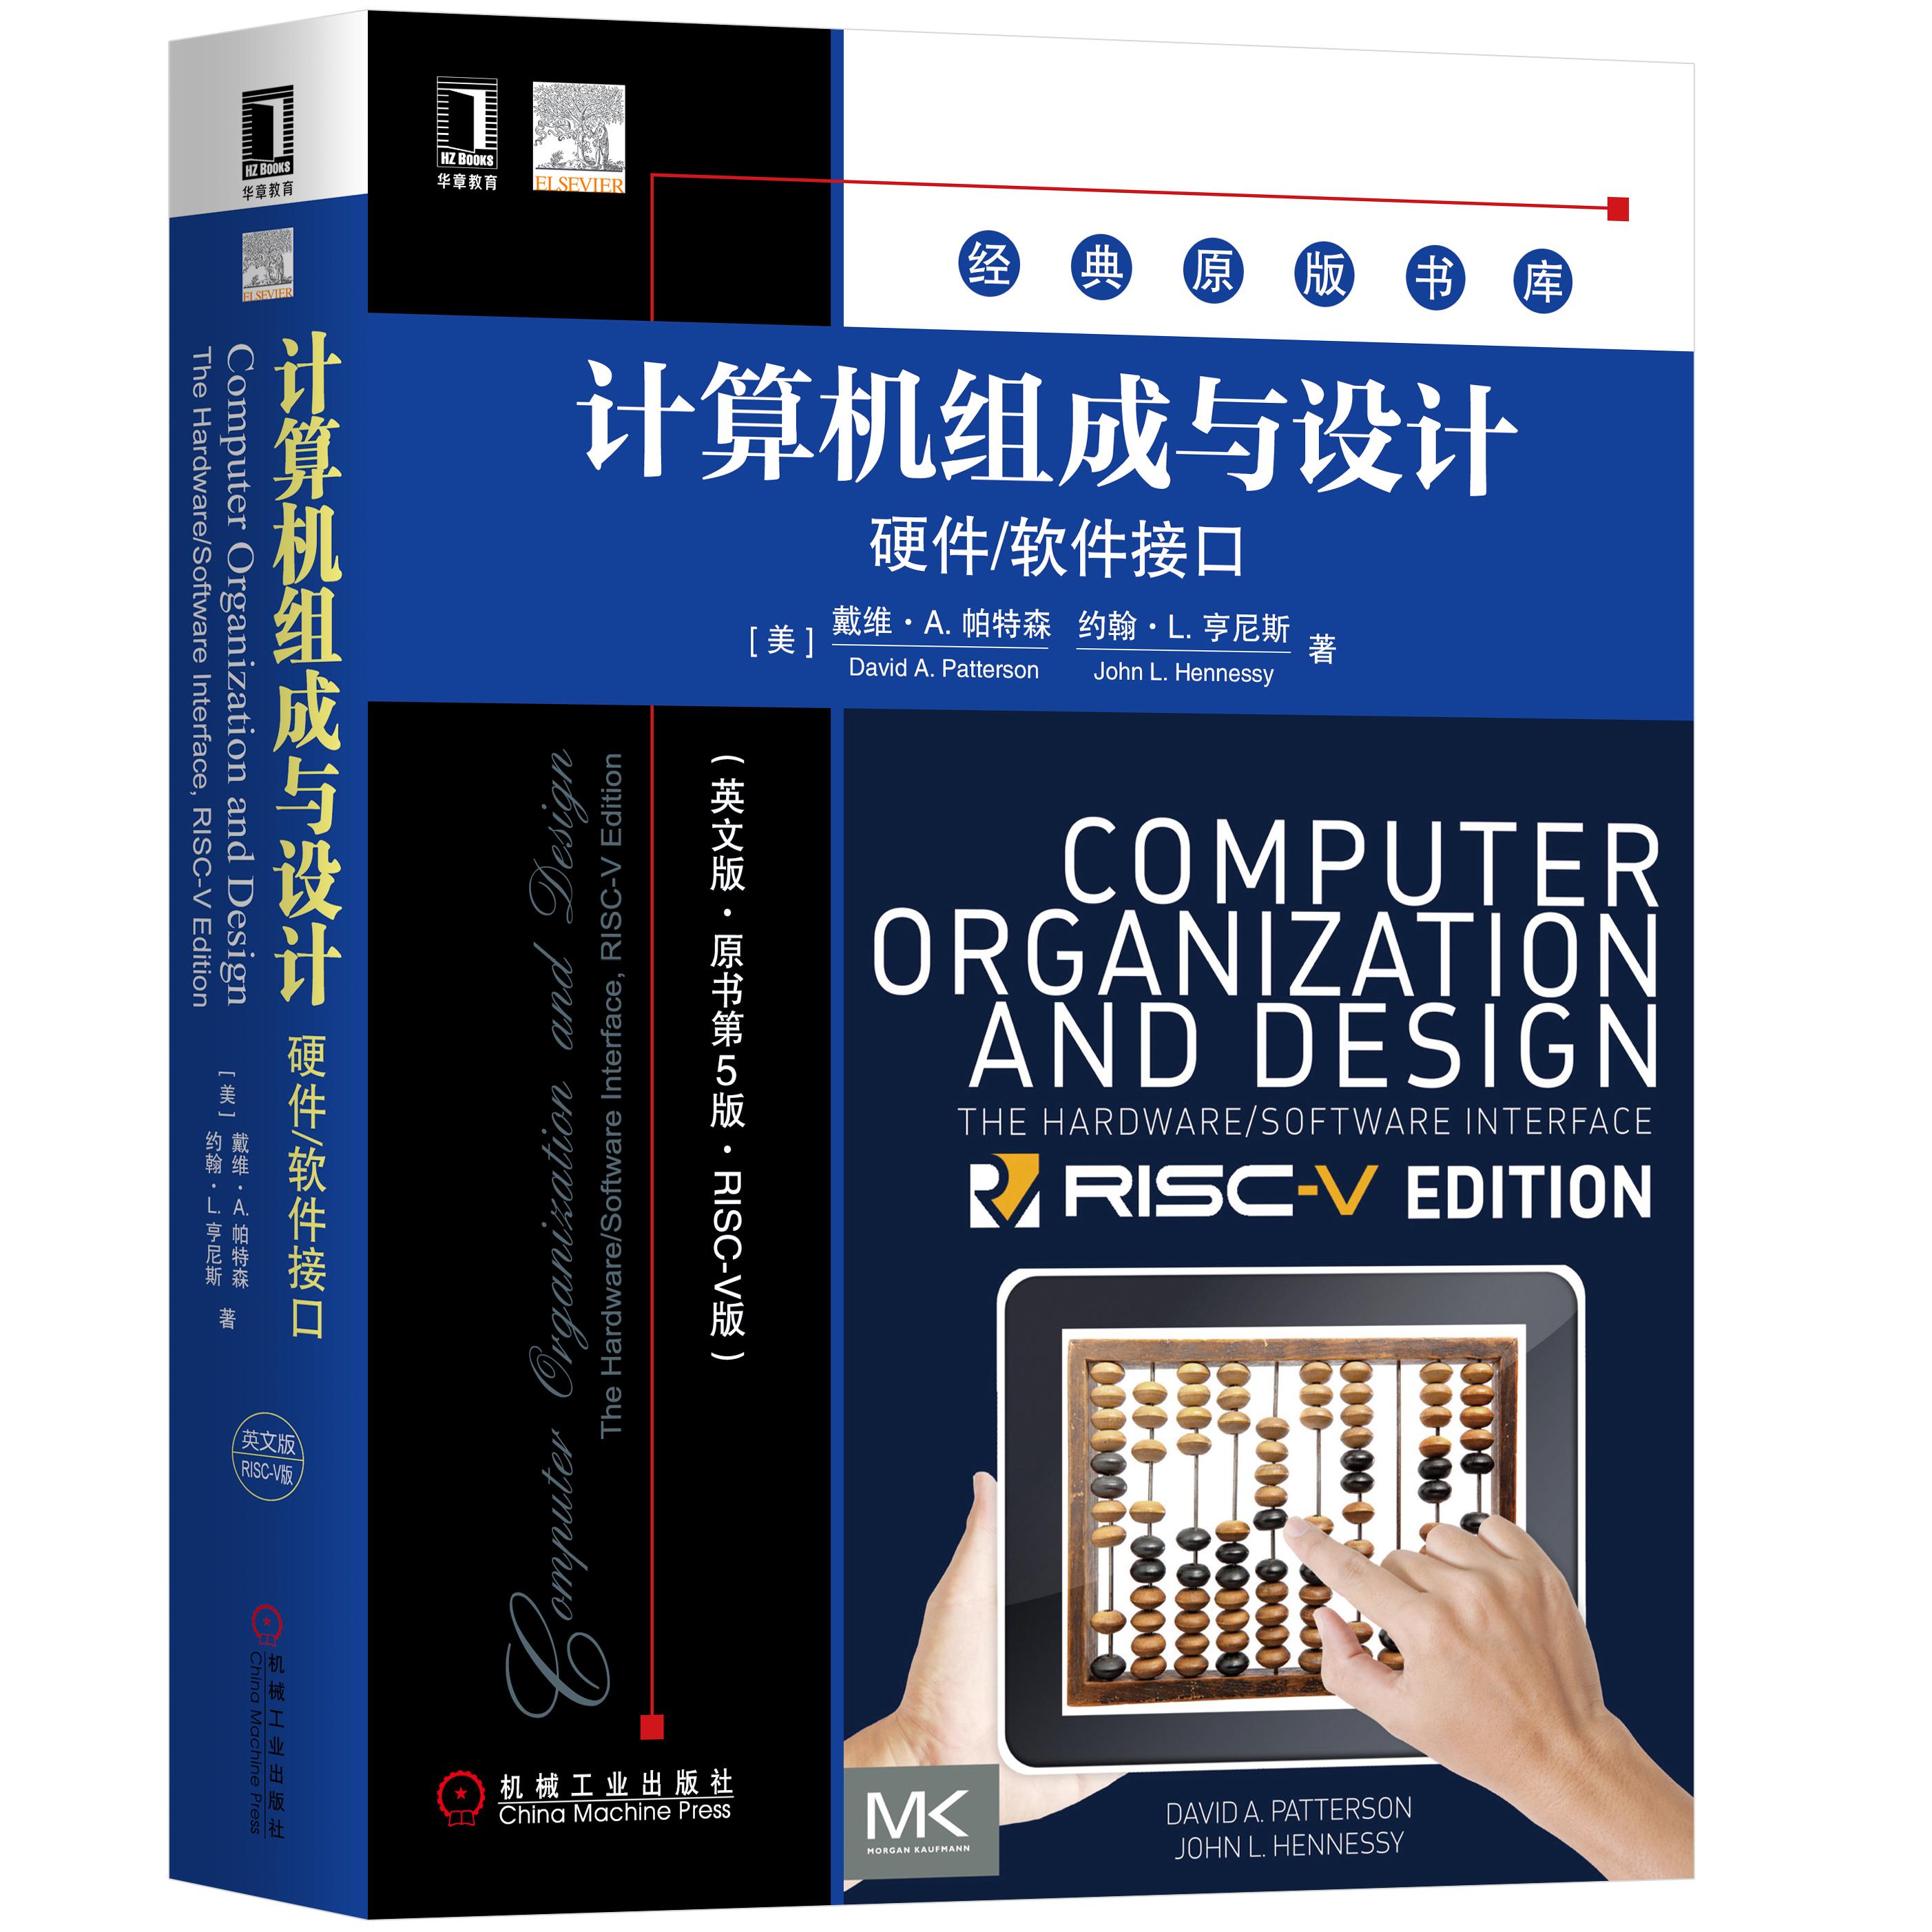 带你读 计算机组成与设计 硬件 软件接口 英文版原书第5版risc V版 之一 Computer Abstractions And Technology 阿里云开发者社区